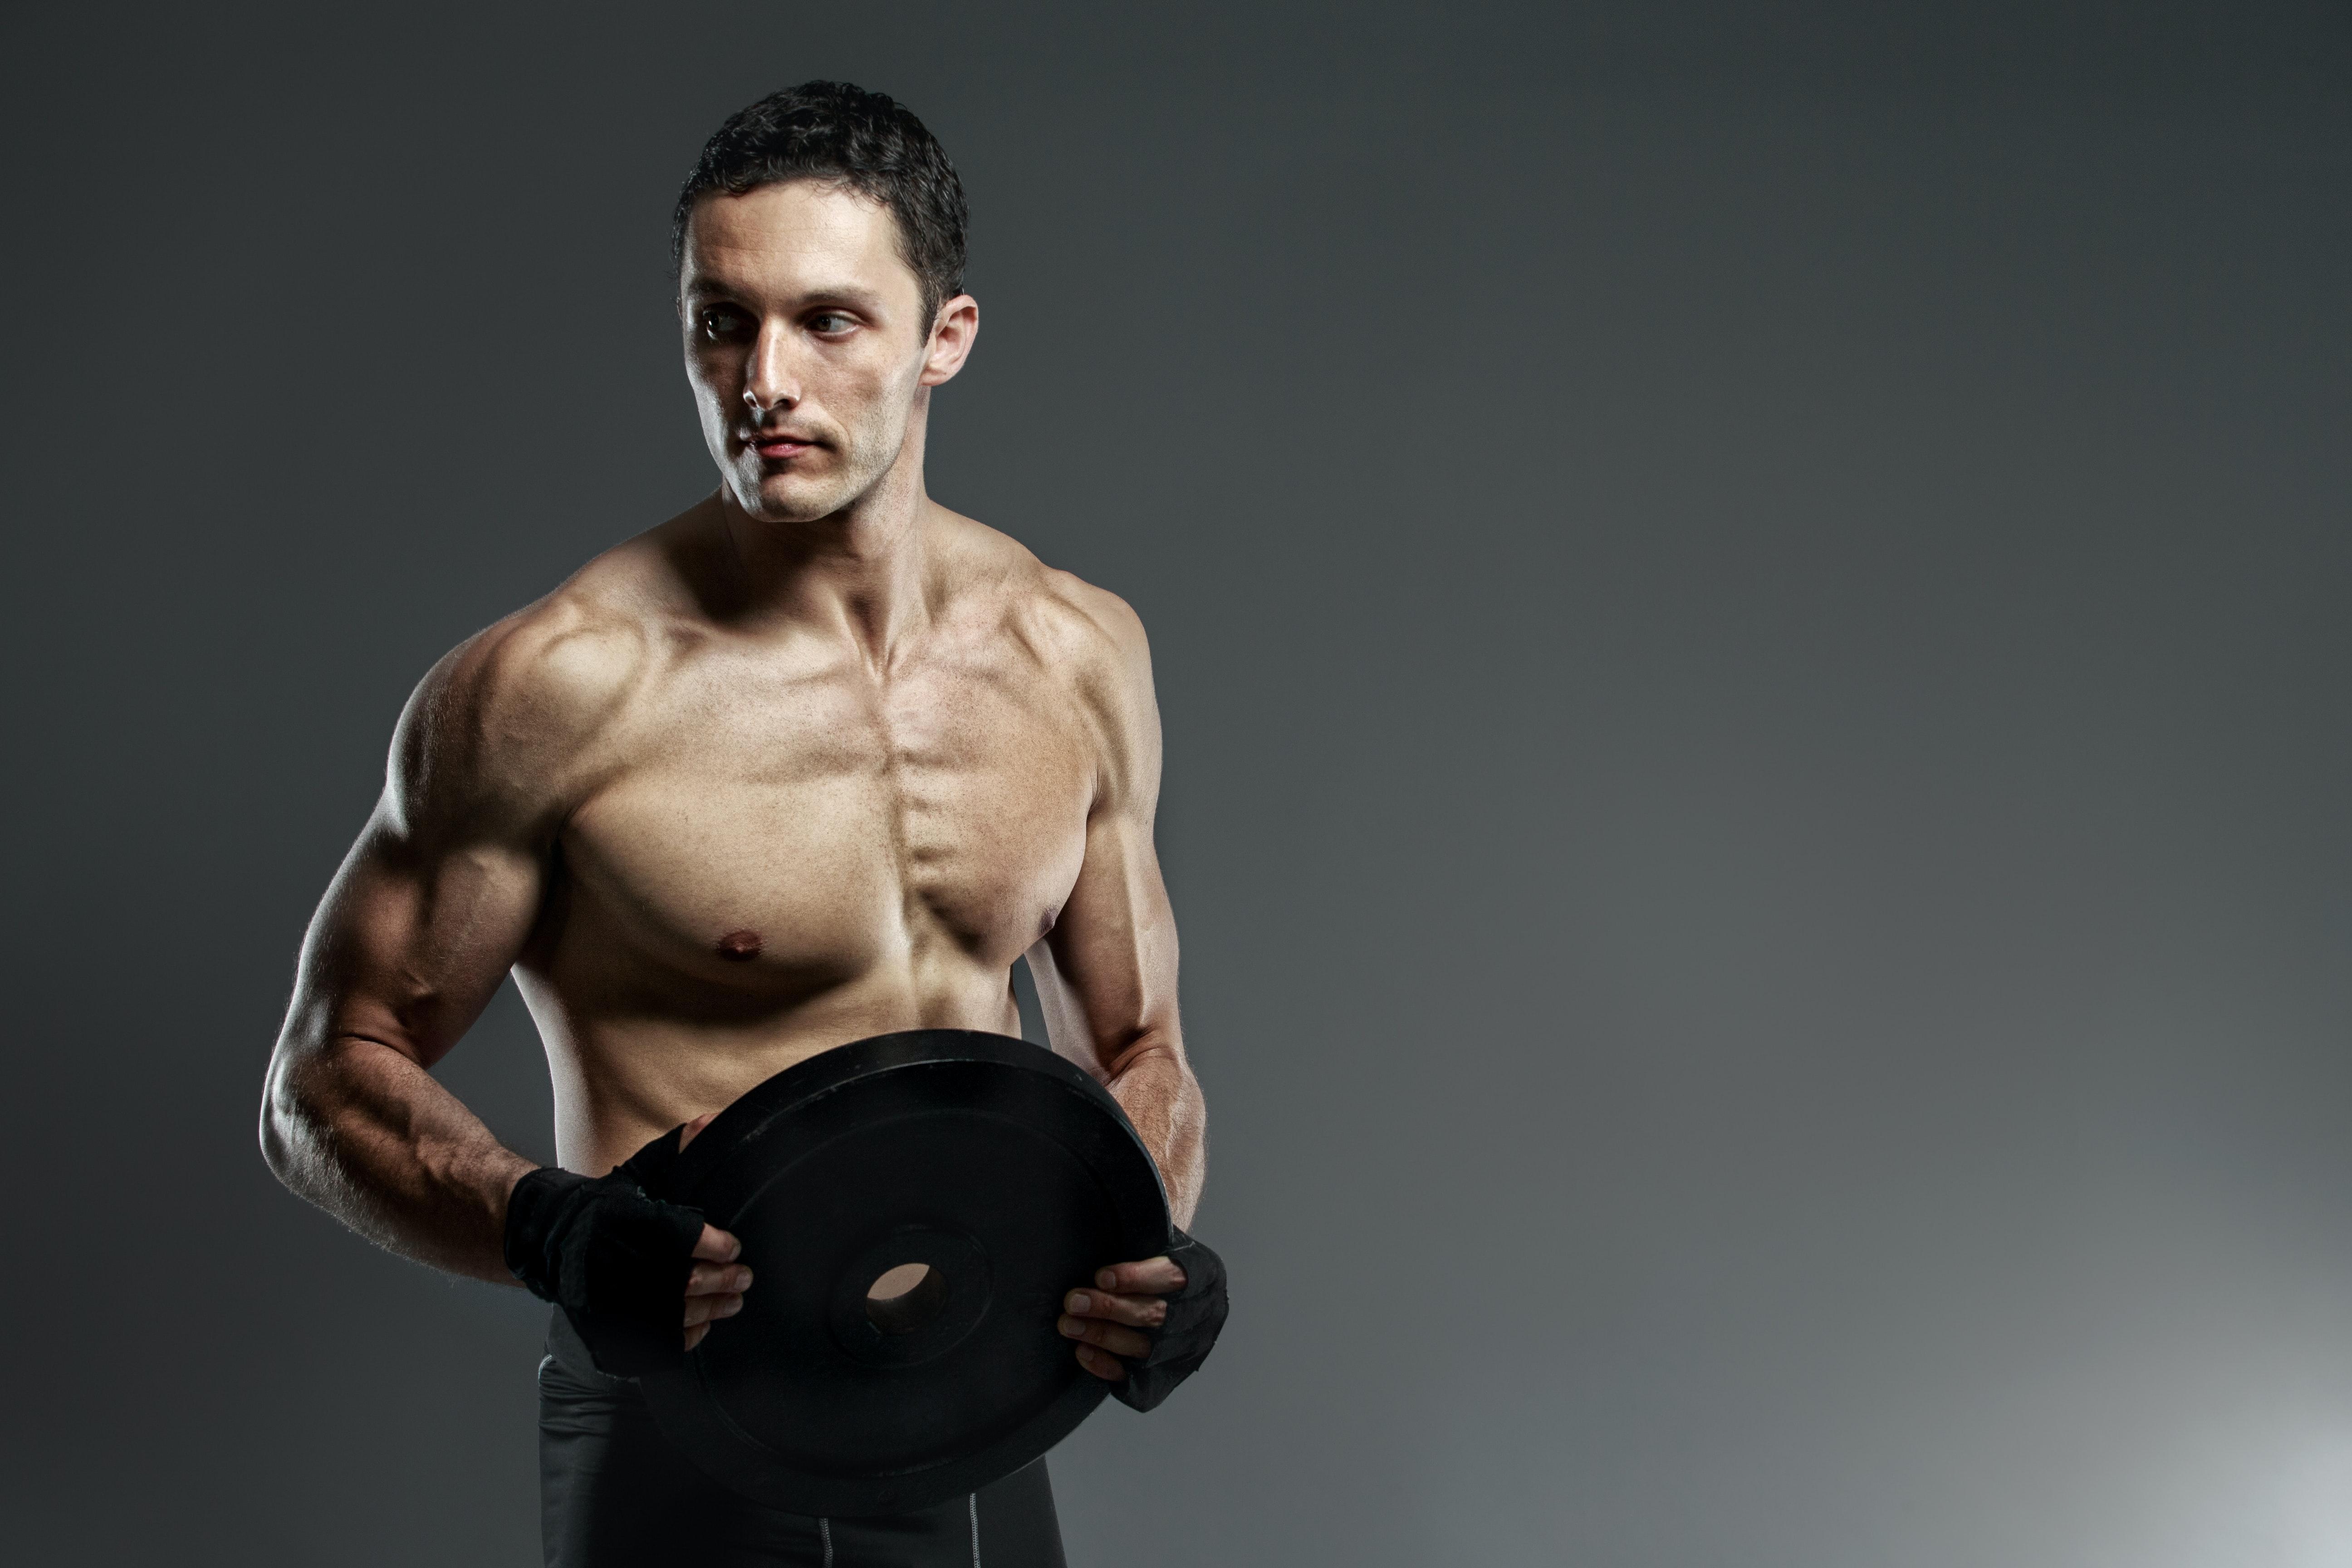 Публикация с тегами: Фитнес, Здоровье, Тренировки, Спорт, Советы